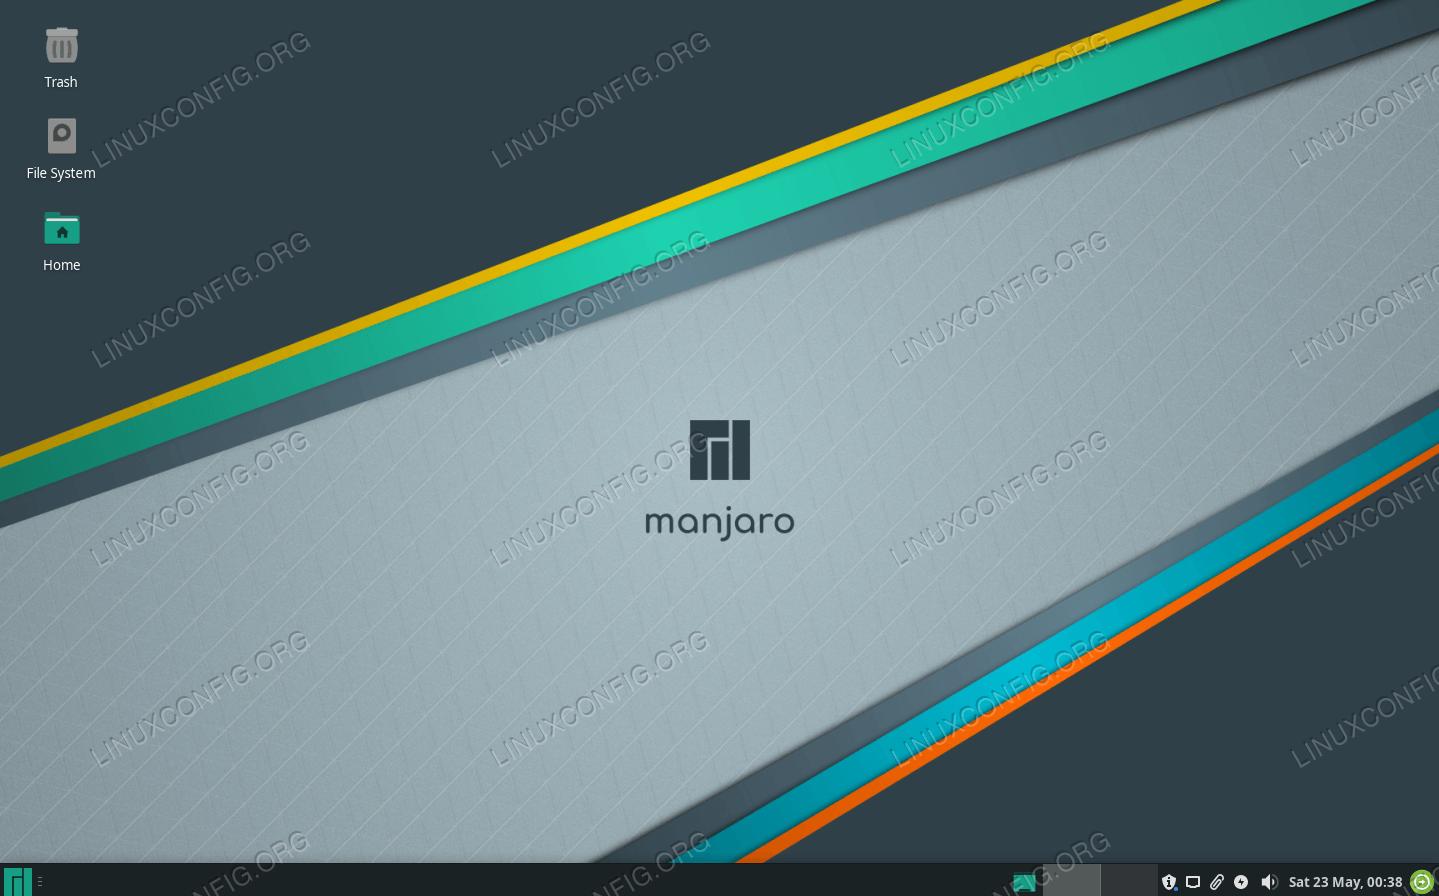 Manjaro работает под управлением рабочего стола Xfce